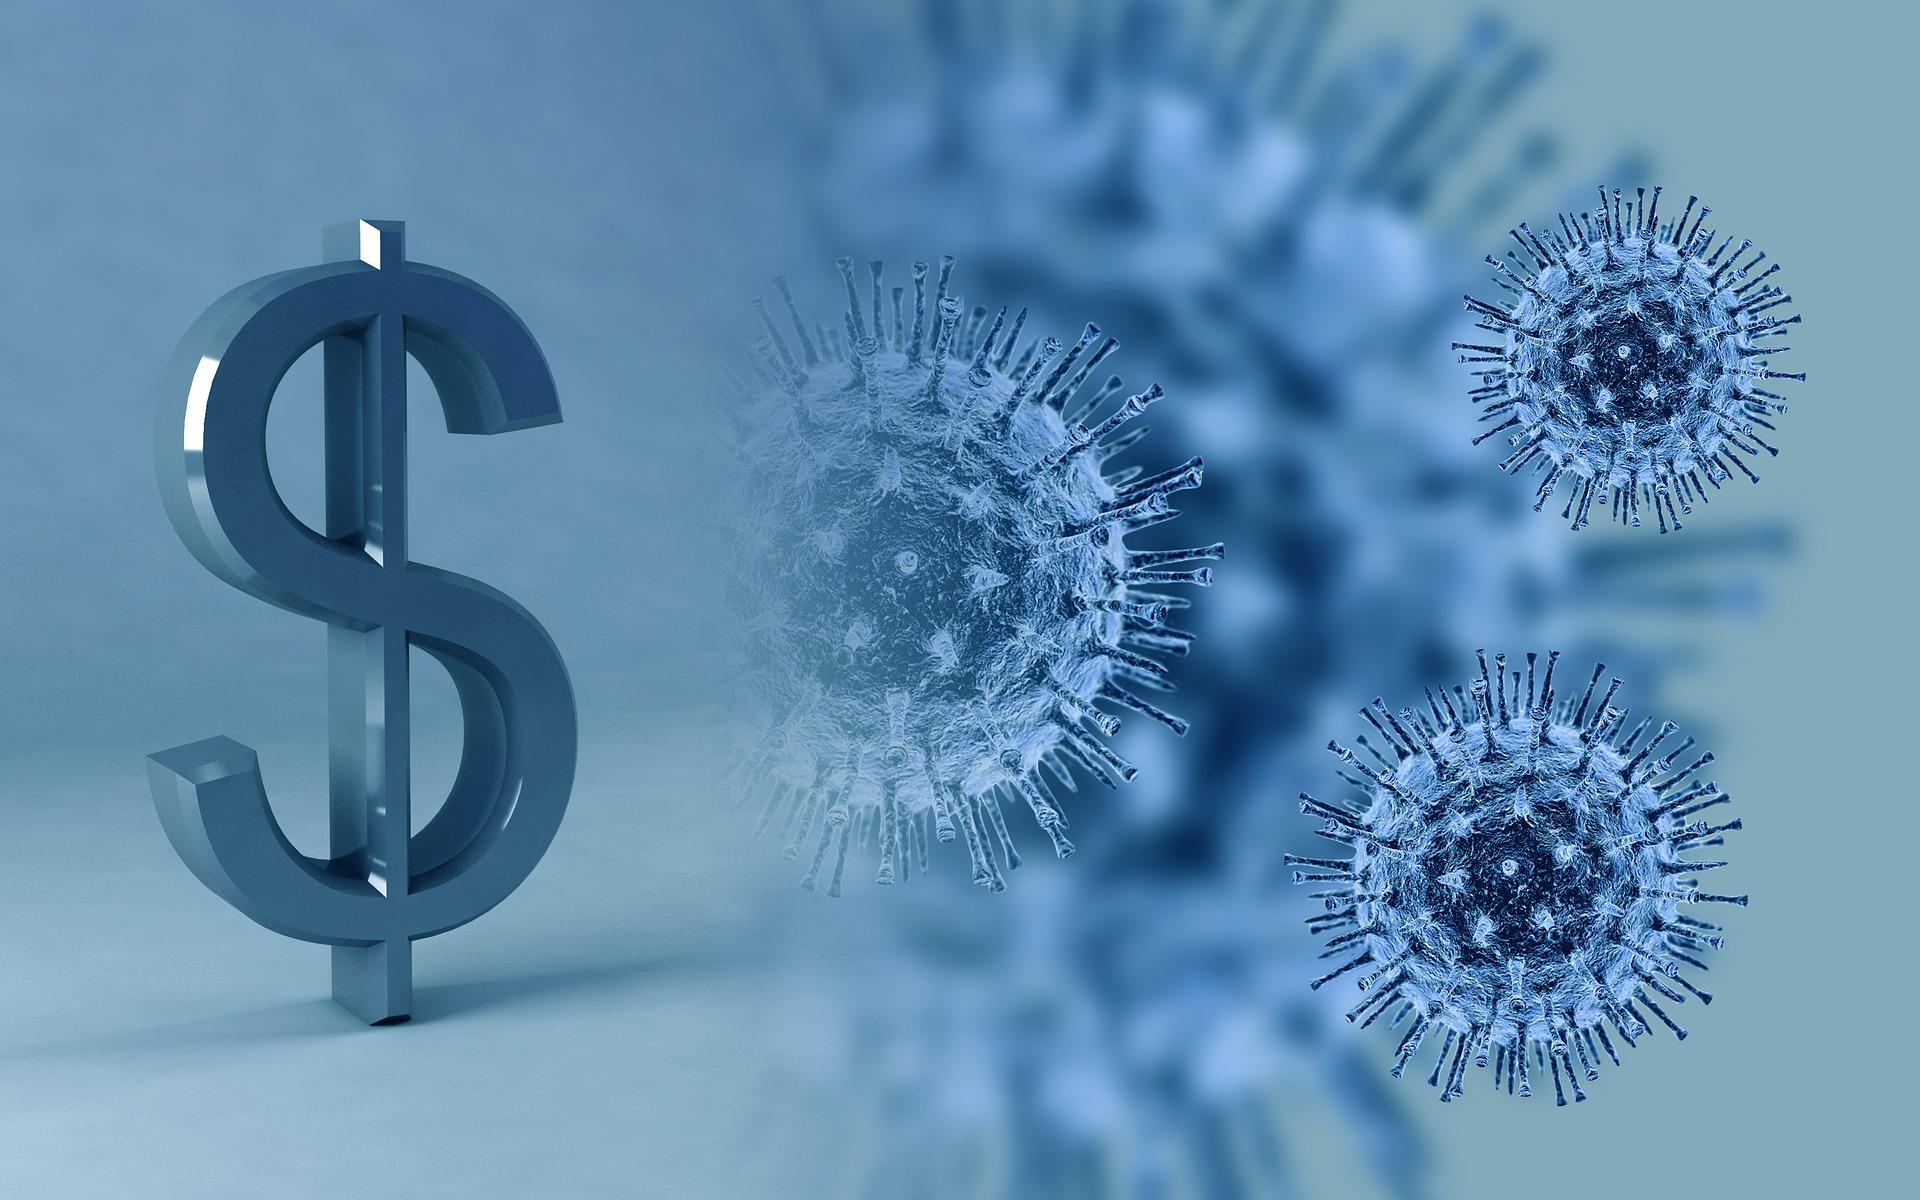 Impossibilità di pagare a causa del Coronavirus: quali rimedi?